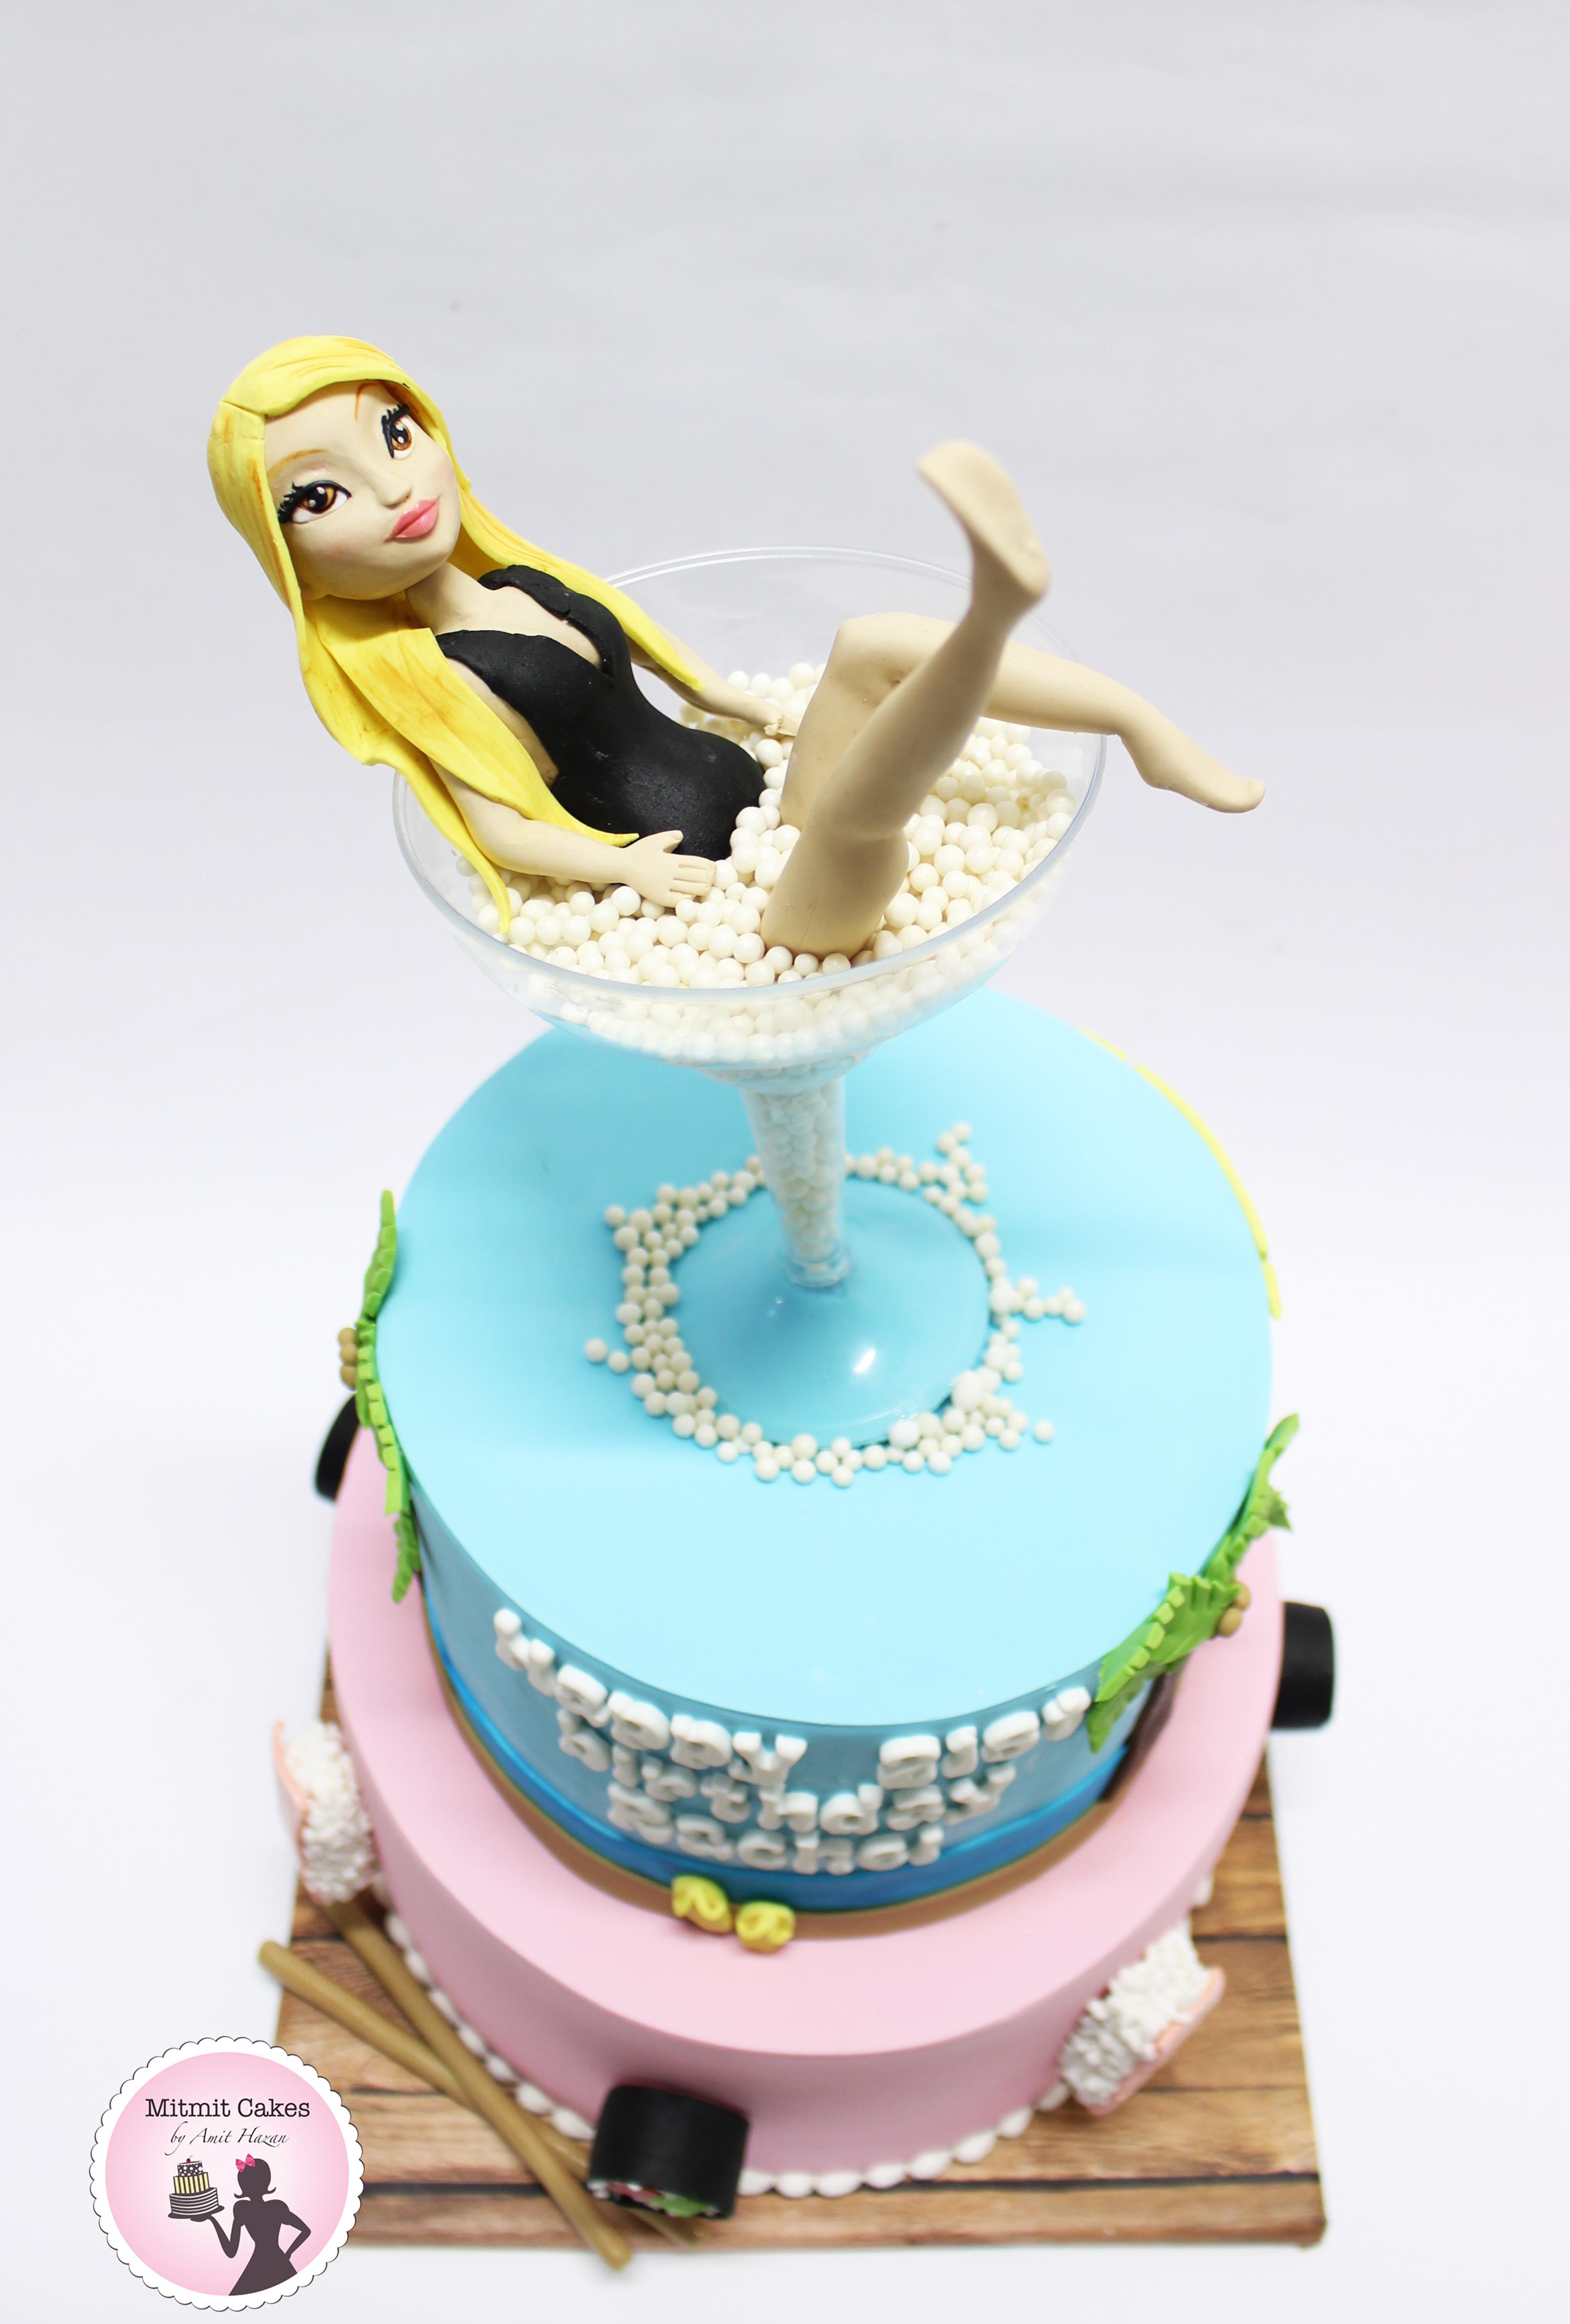 עוגה עם דמות